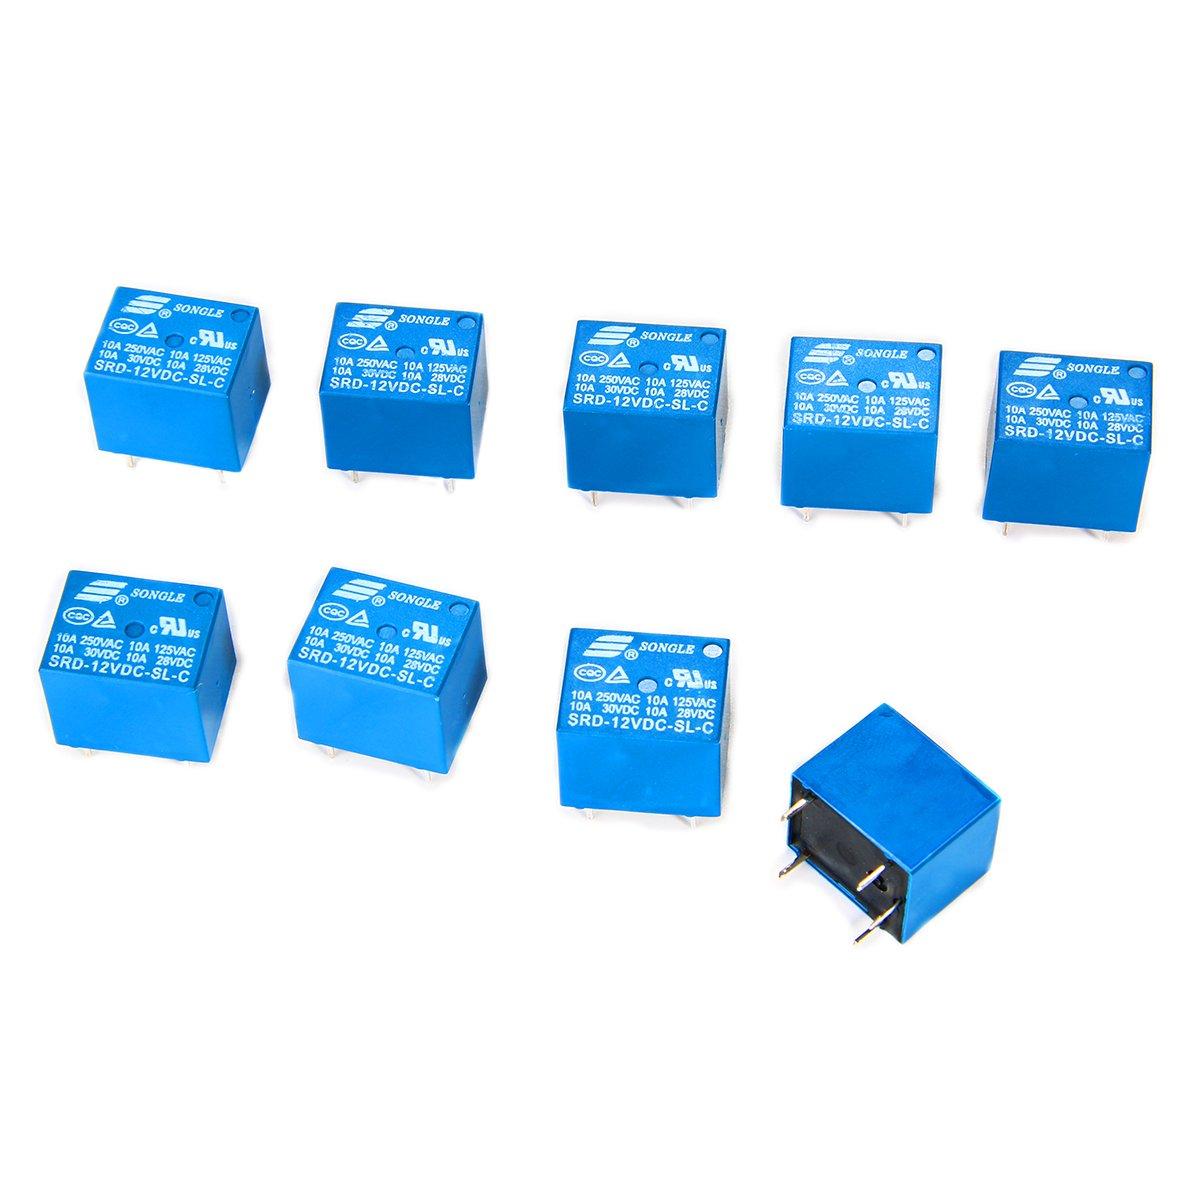 UNIQUE 10 pcs 12V Mini Power é lectromagné tique relais SPDT 10A PCB de montage 5-Pins Electromé nager contrô le BI084 XCSOURCE